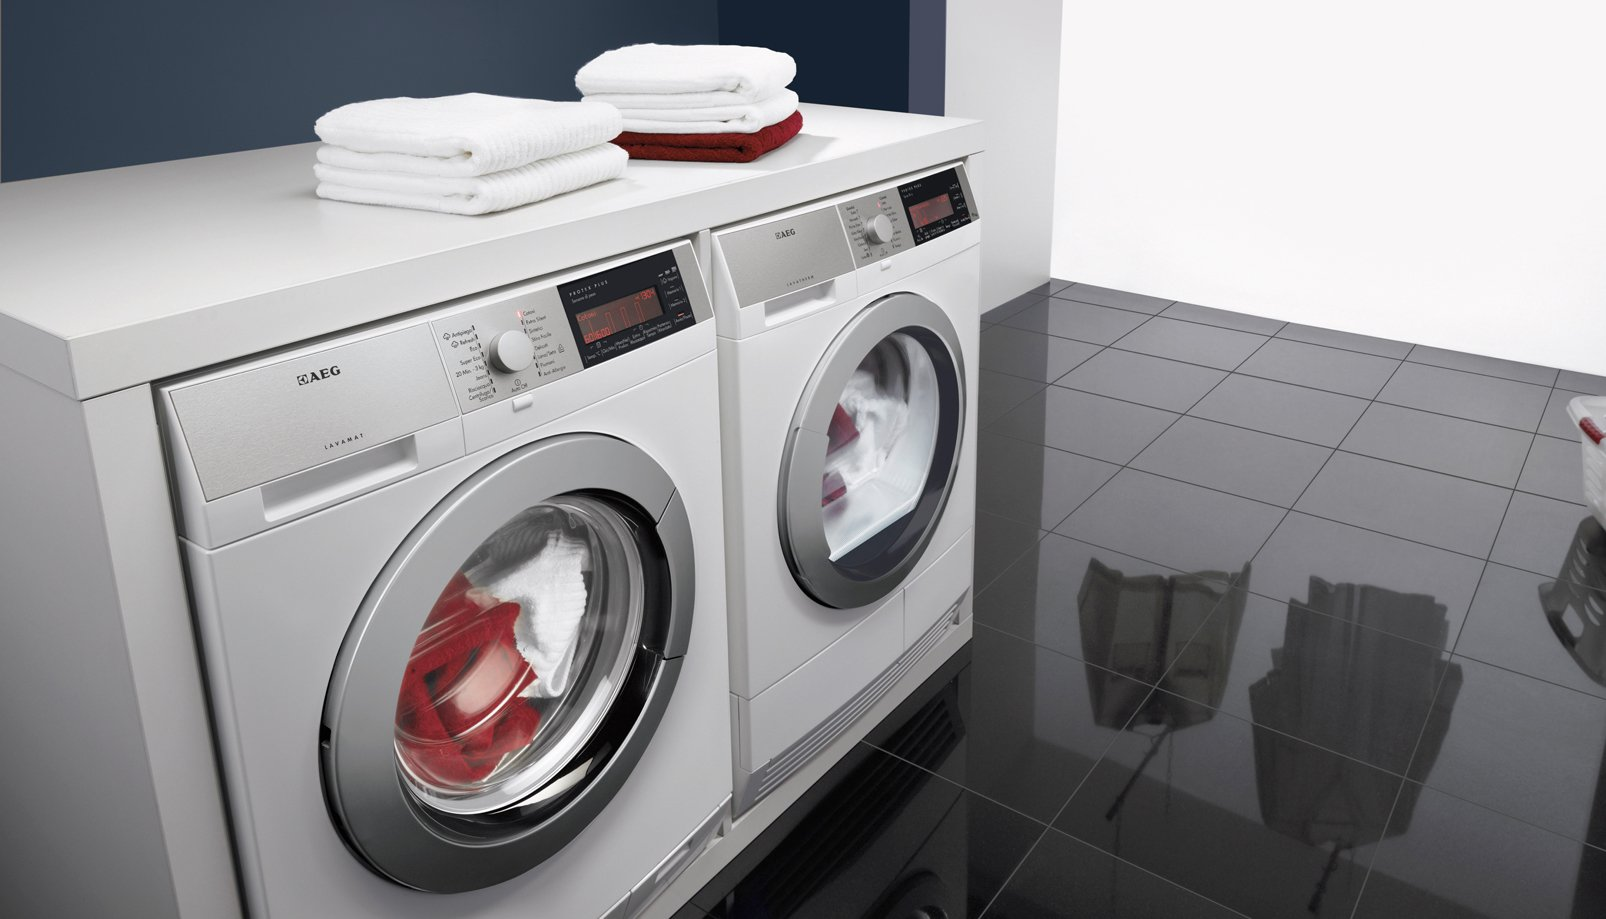 Asciugatrici consumi ridotti e programmi differenziati - Mobile lavatrice asciugatrice ikea ...